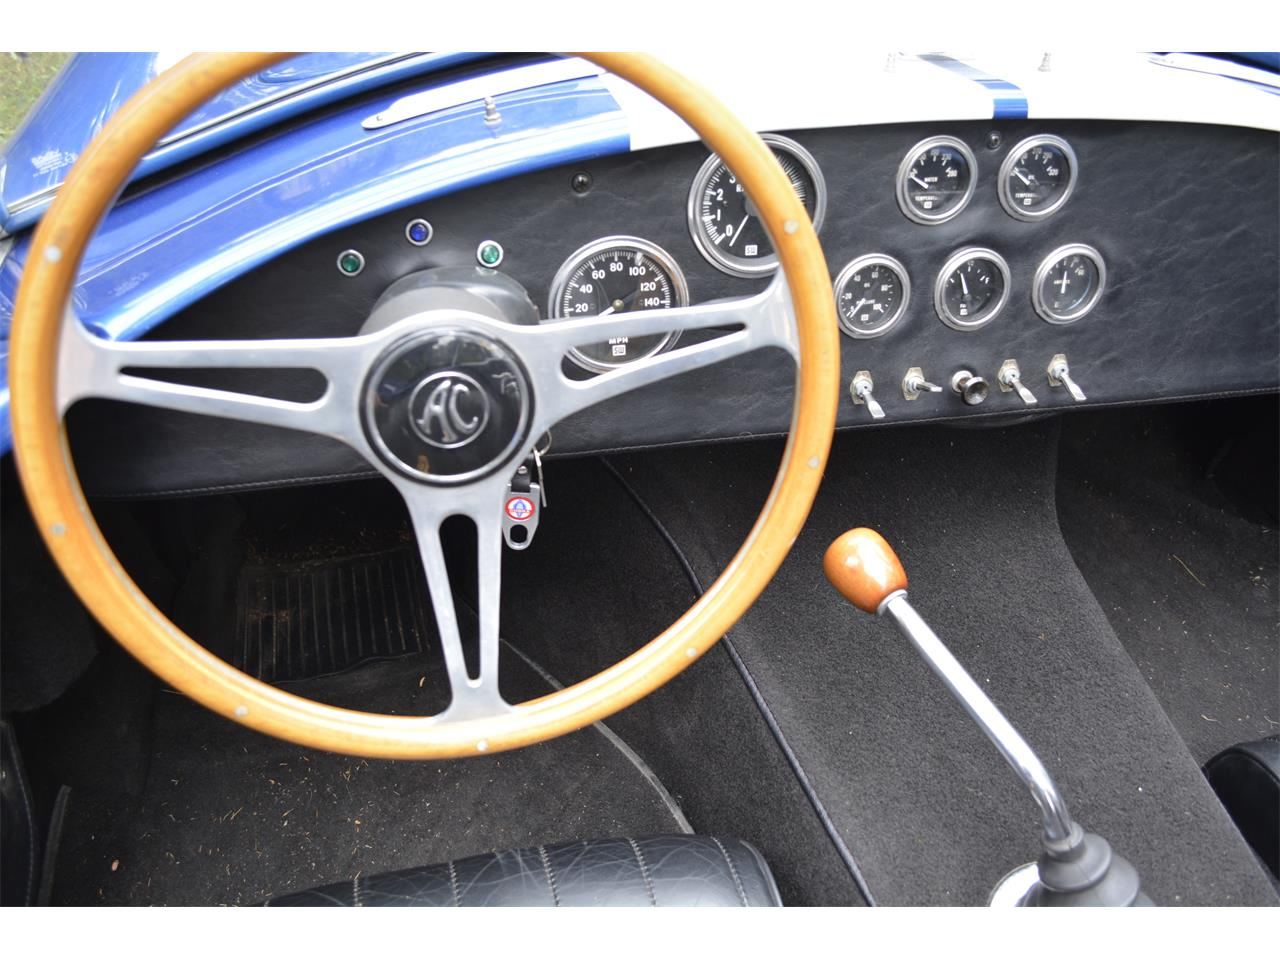 1967 Shelby Cobra Replica (CC-1150117) for sale in North Andover, Massachusetts